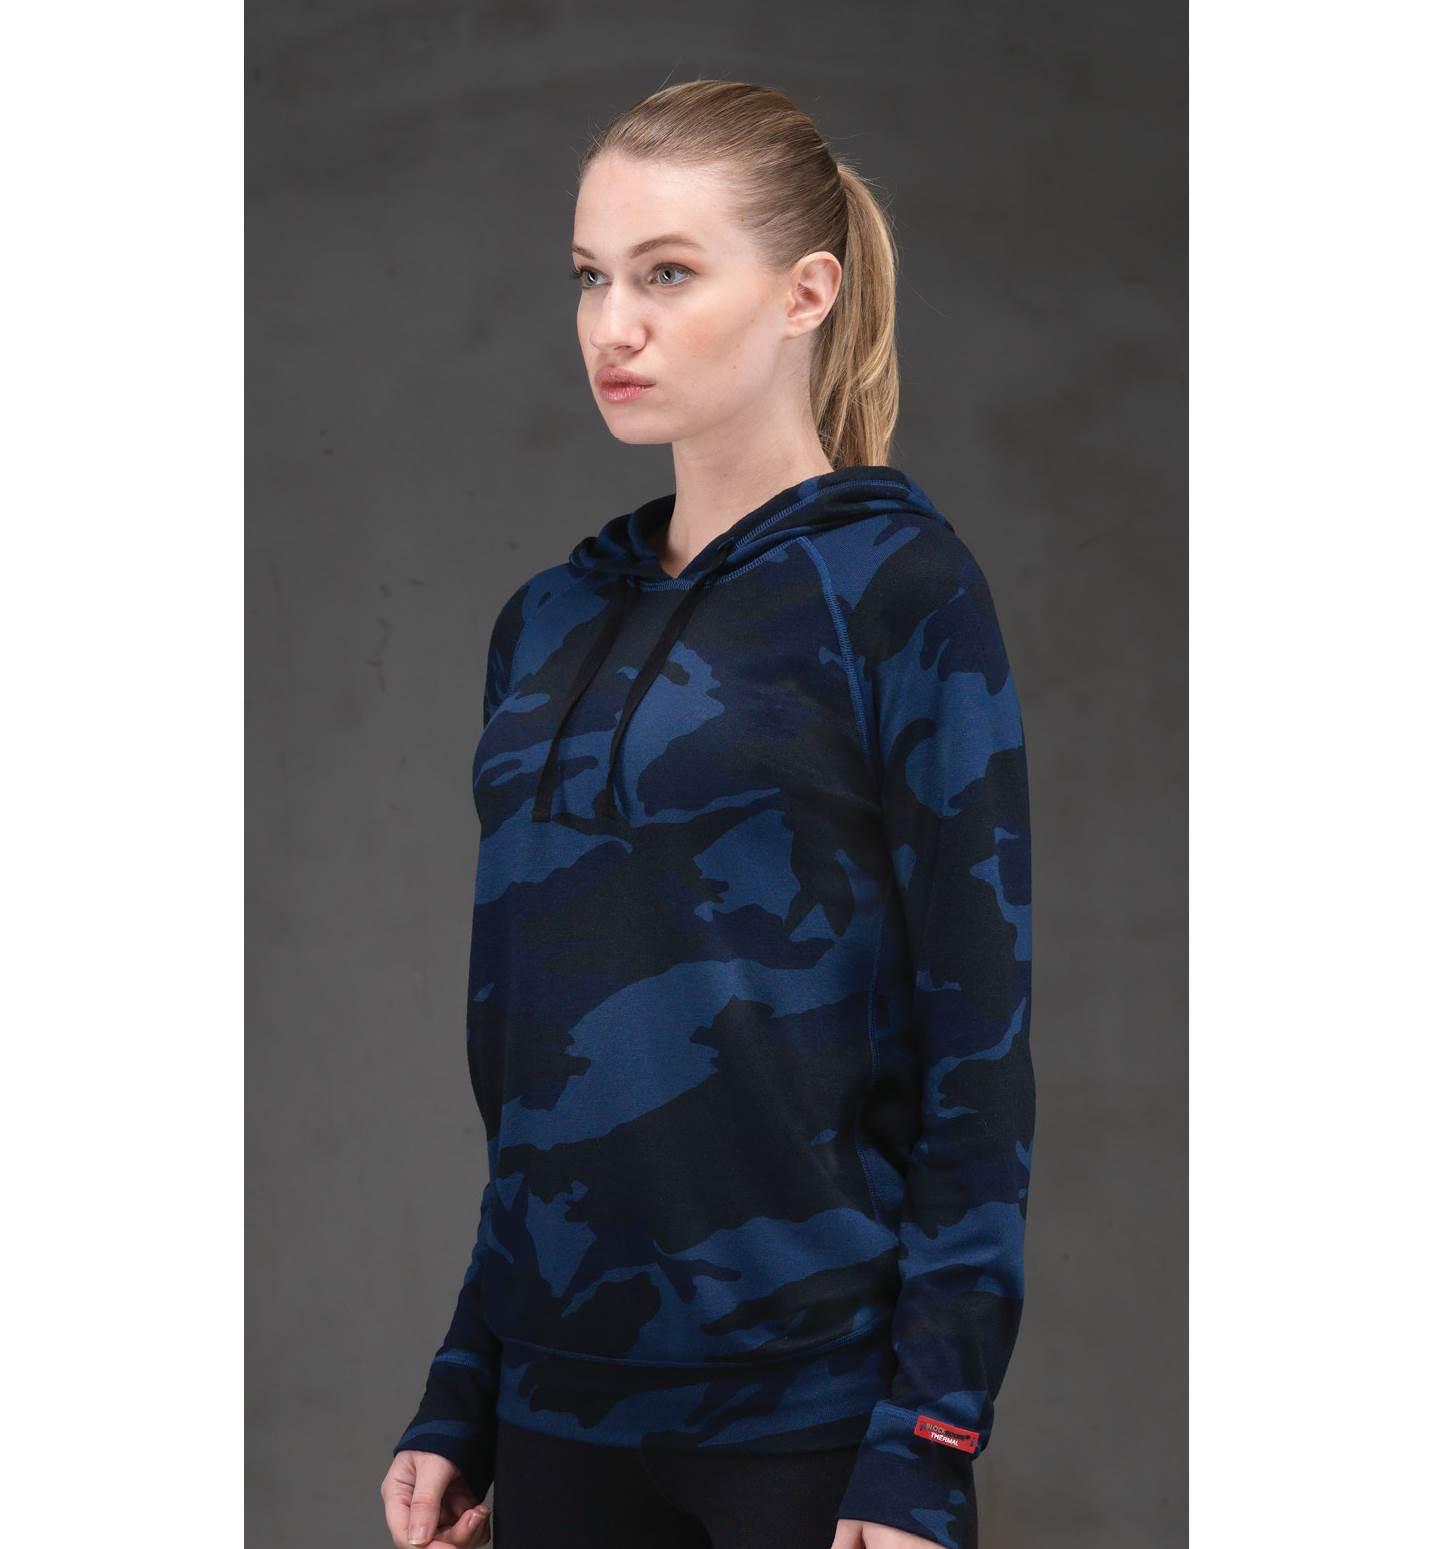 Blackspade Kadın Termal Kapşonlu Sweatshirt 2. Seviye 6194 - Mavi